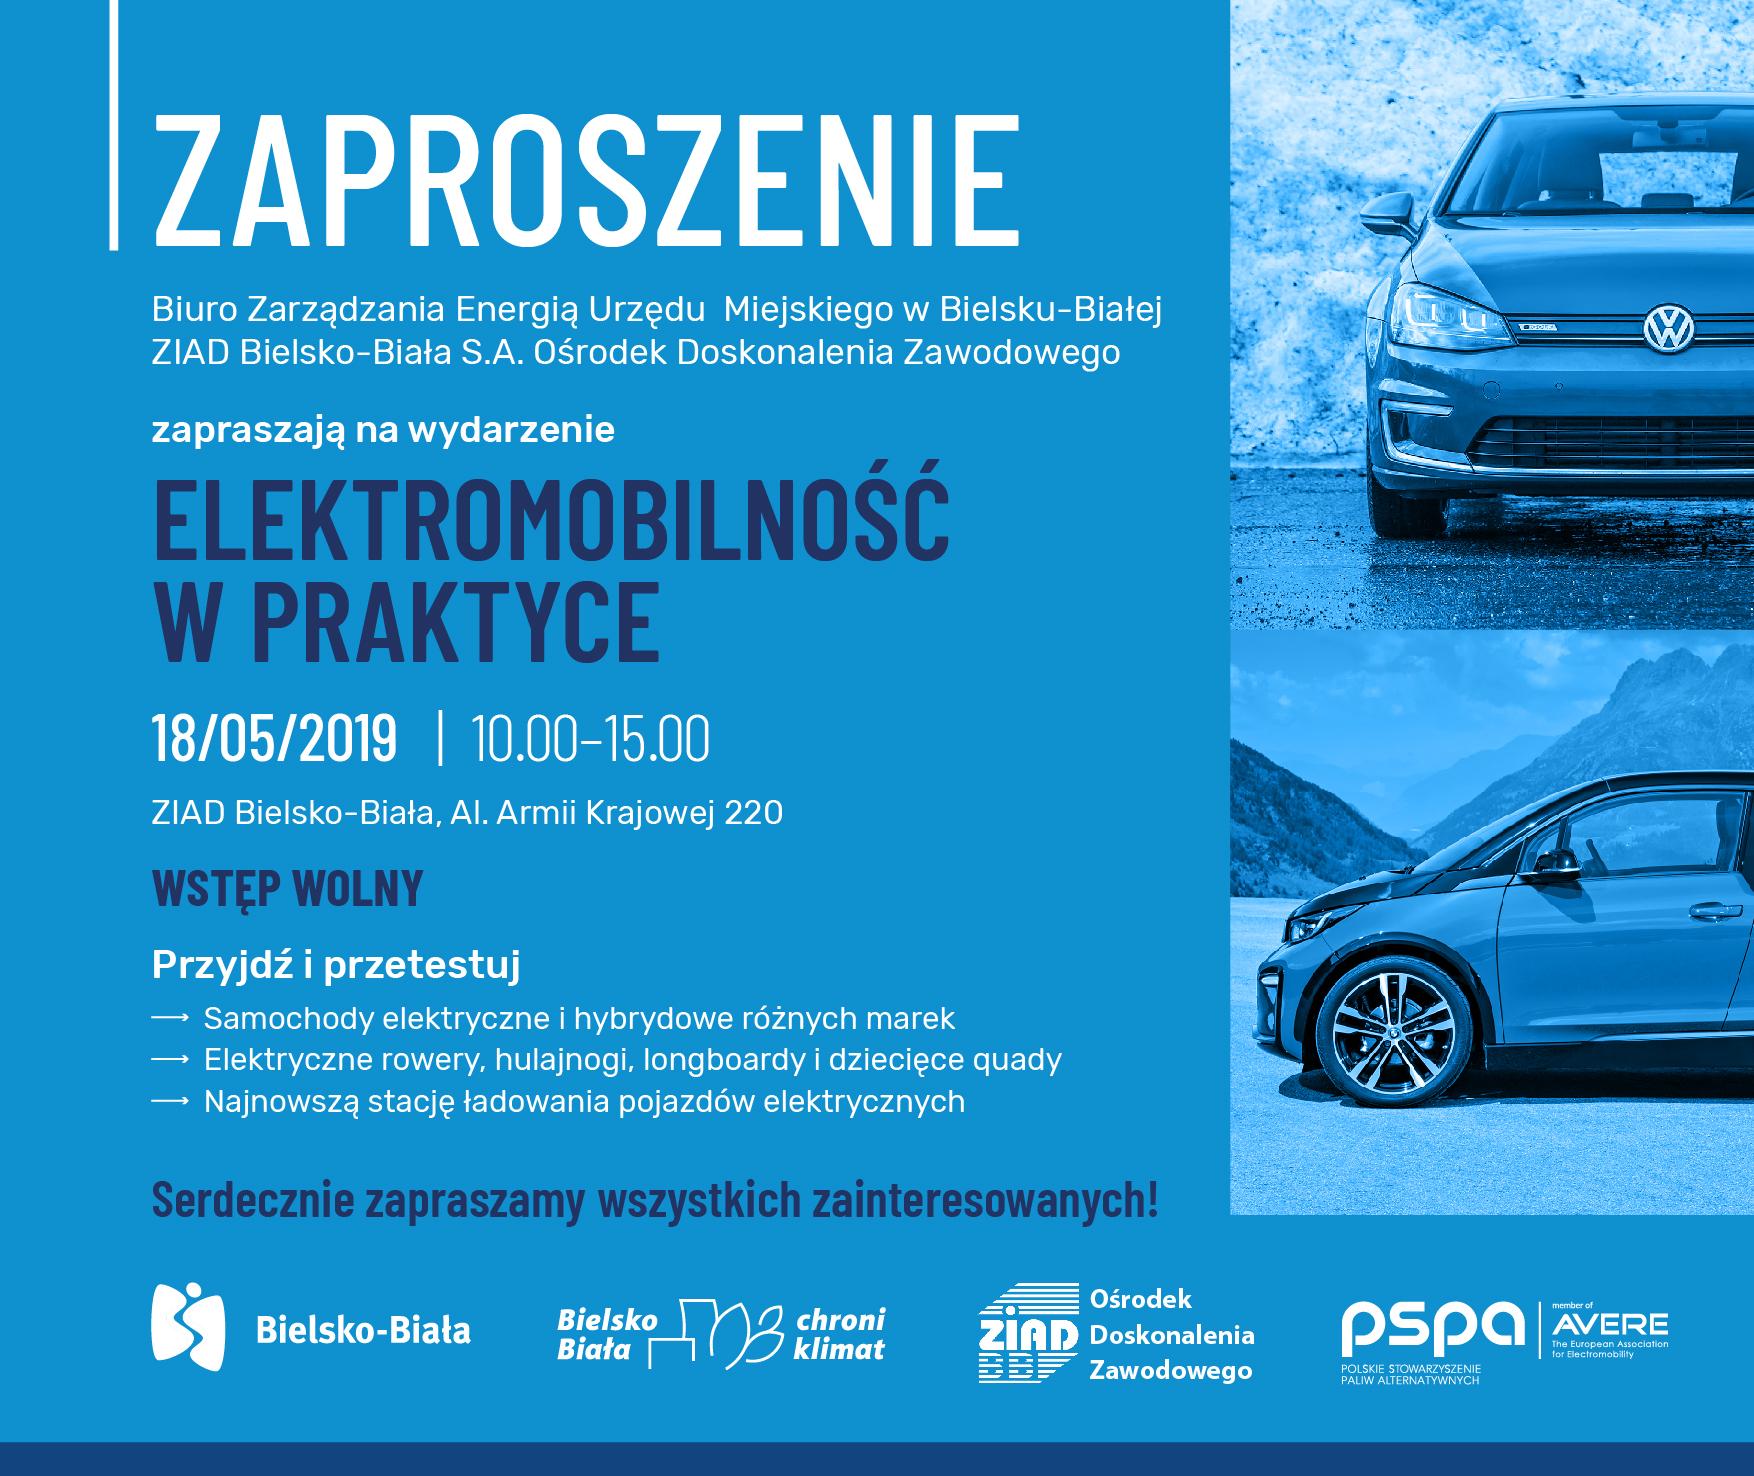 Zaproszenie Elektromobilność WPraktyce 18.05.2019